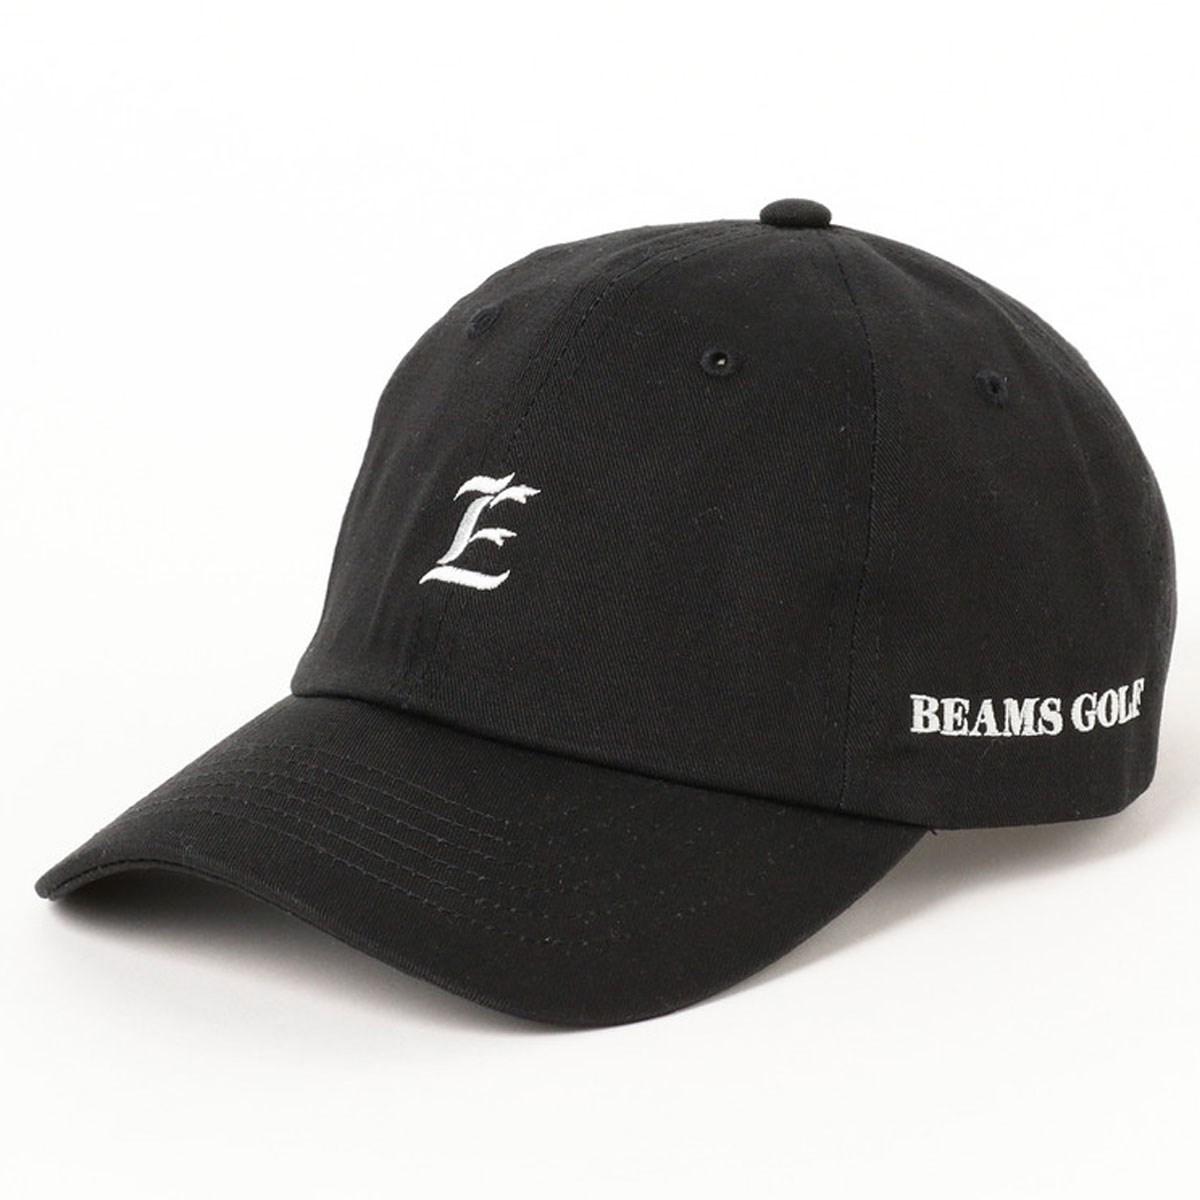 ビームスゴルフ BEAMS GOLF シーズンロゴ キャップ 19SS